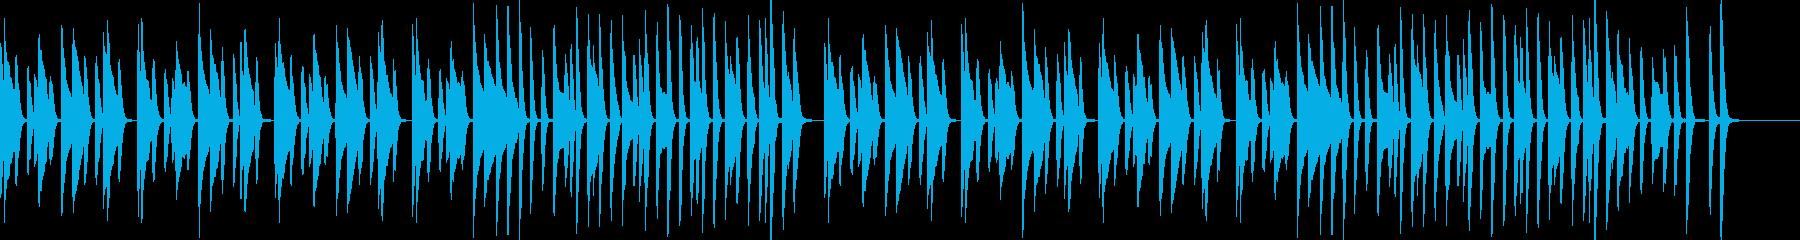 生活・暮らし・日常 ピアノ曲の再生済みの波形